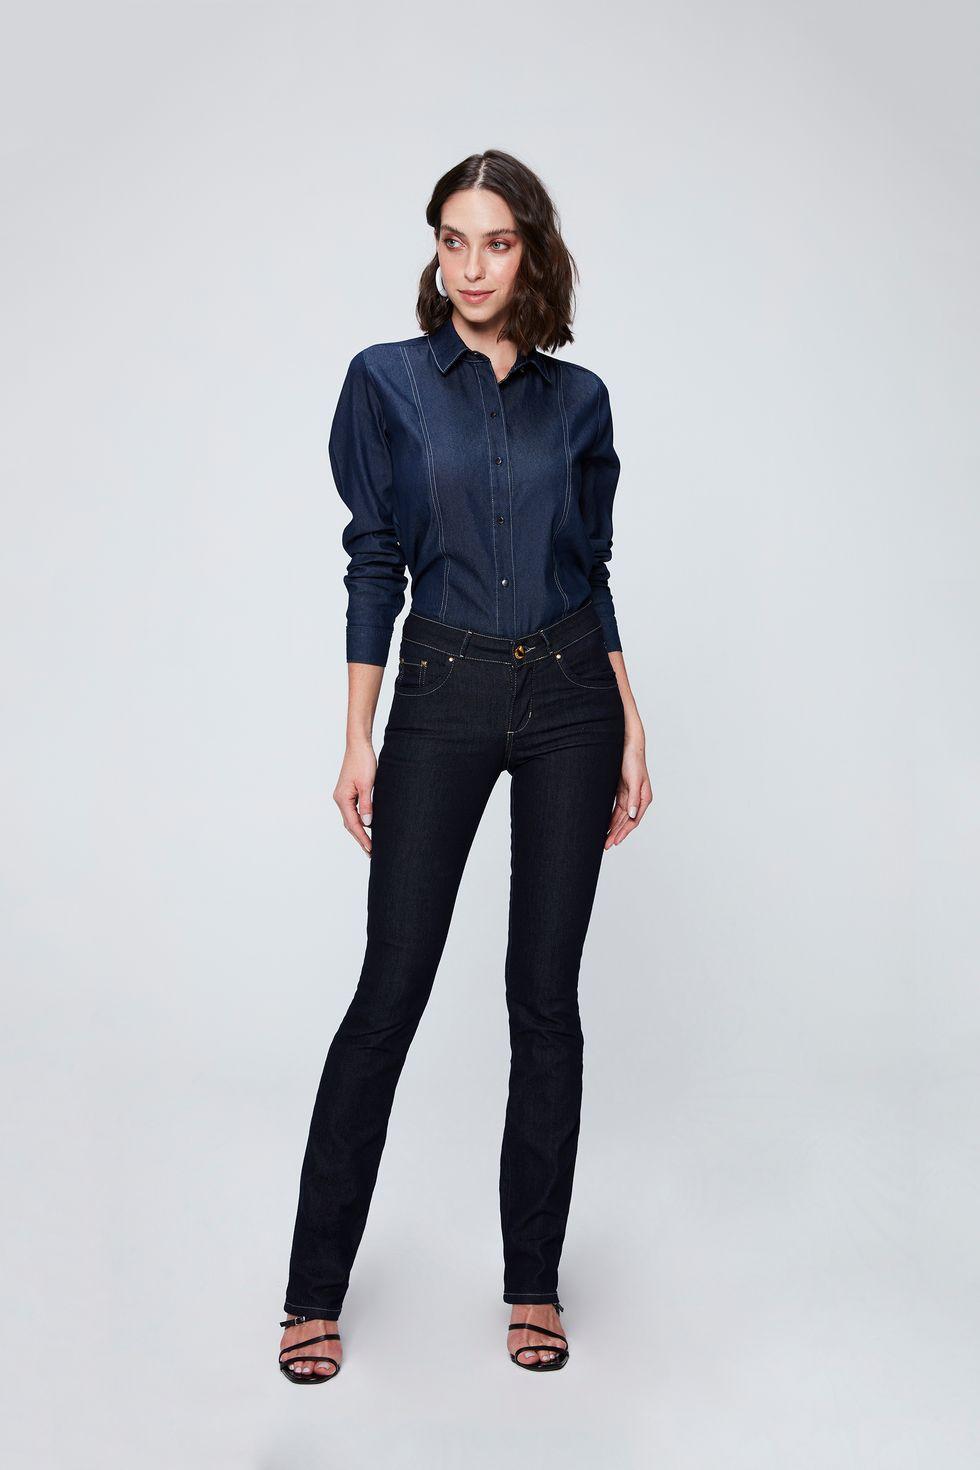 Calca-Jeans-Reta-Basica-Etiqueta-Bolso-Frente--